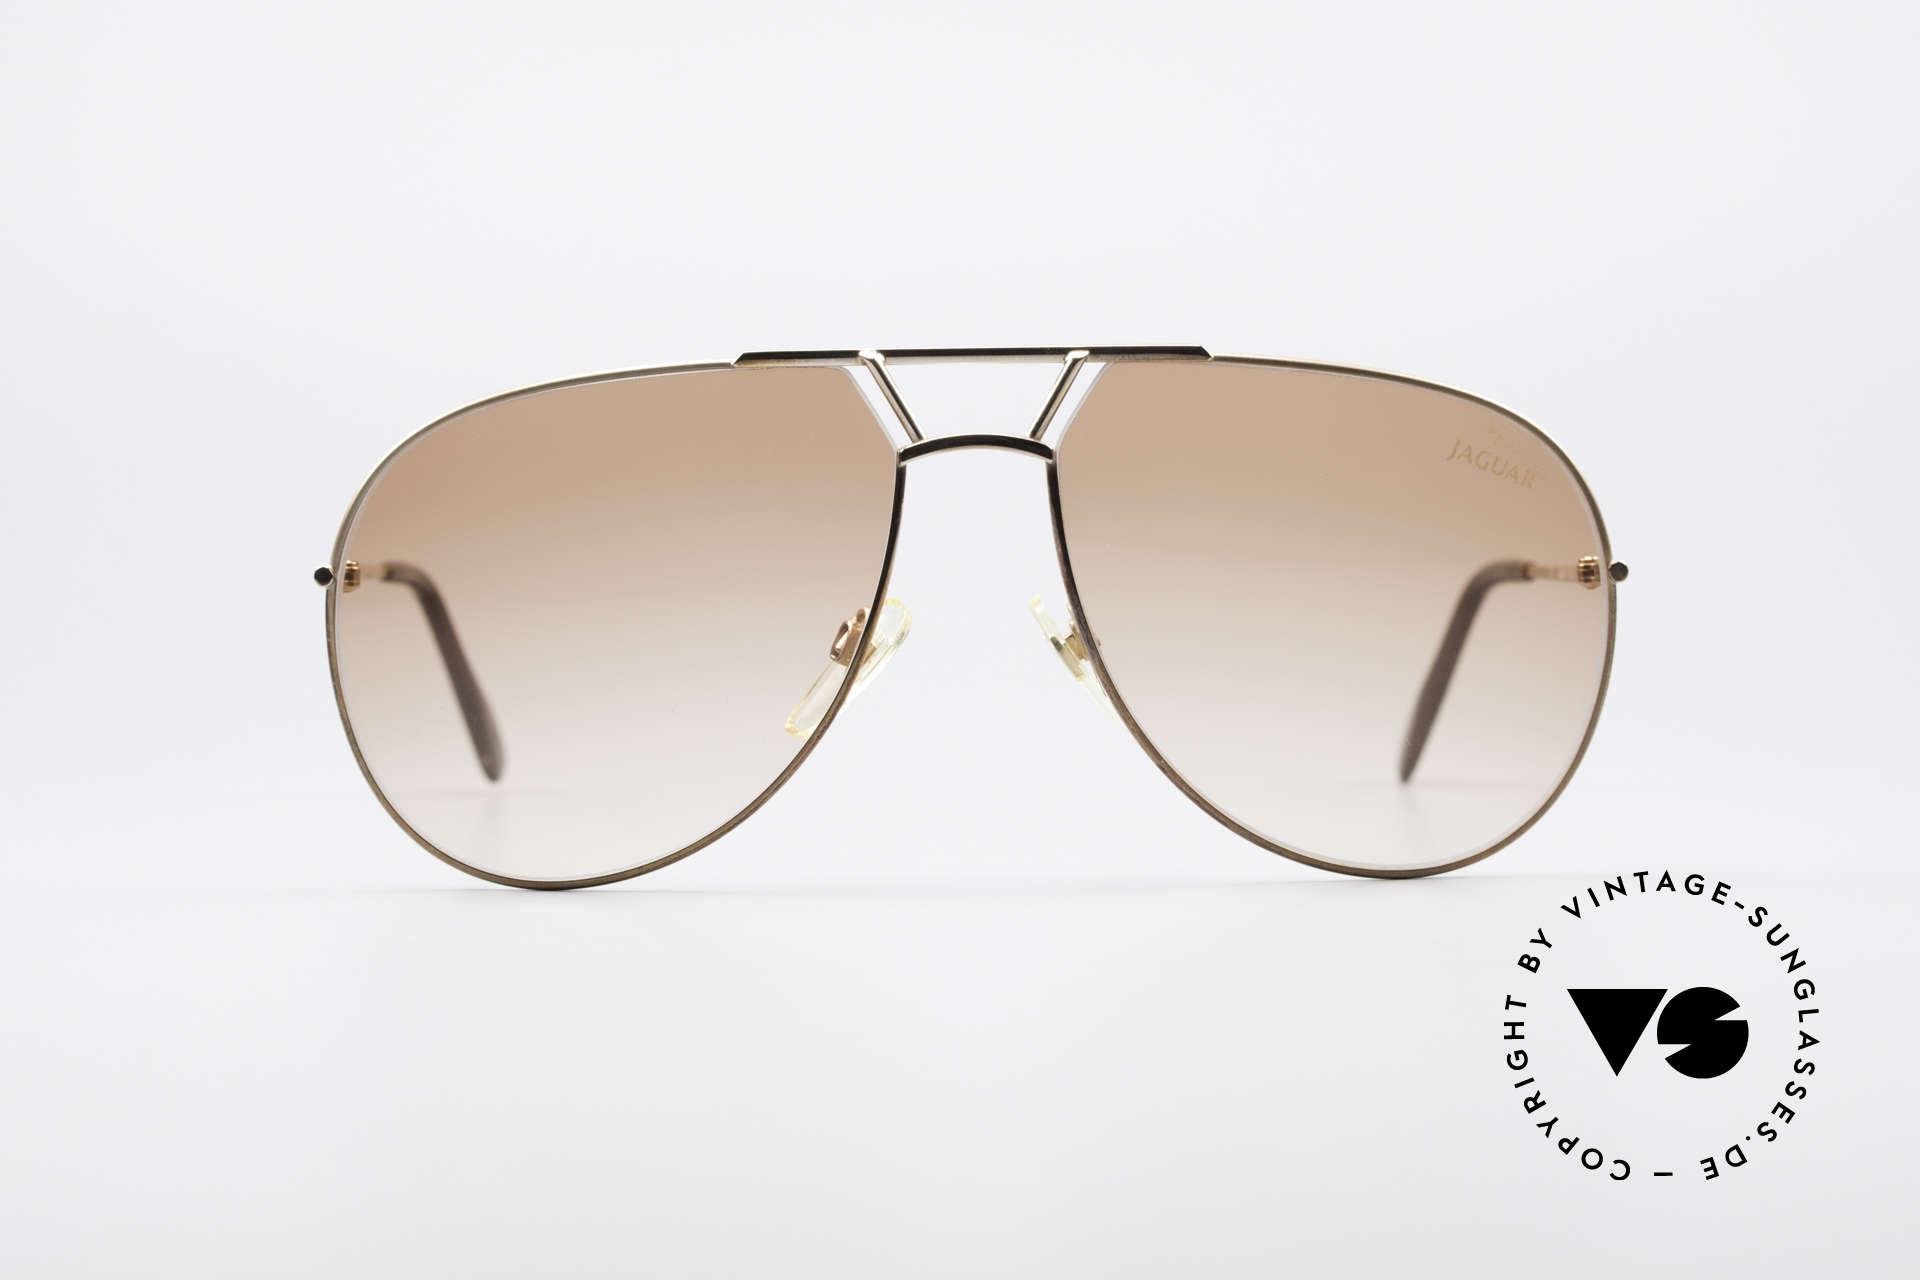 """Jaguar 795 Vintage Herren Sonnenbrille, markant, männlich & """"very british"""": Gentlemanbrille, Passend für Herren"""